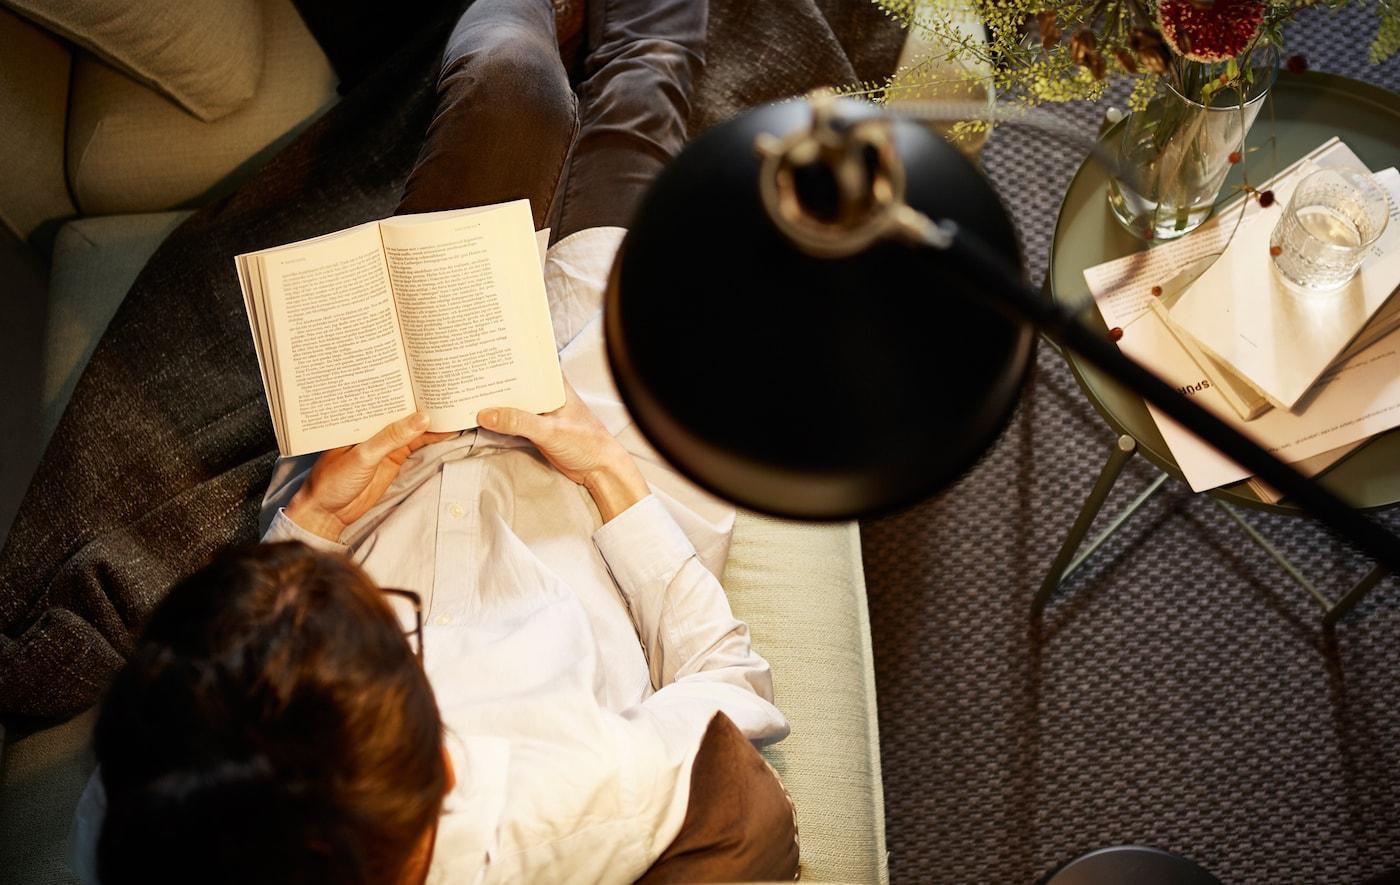 Blick von über einer Leseleuchte auf eine Frau, die auf dem Sofa sitzend liest